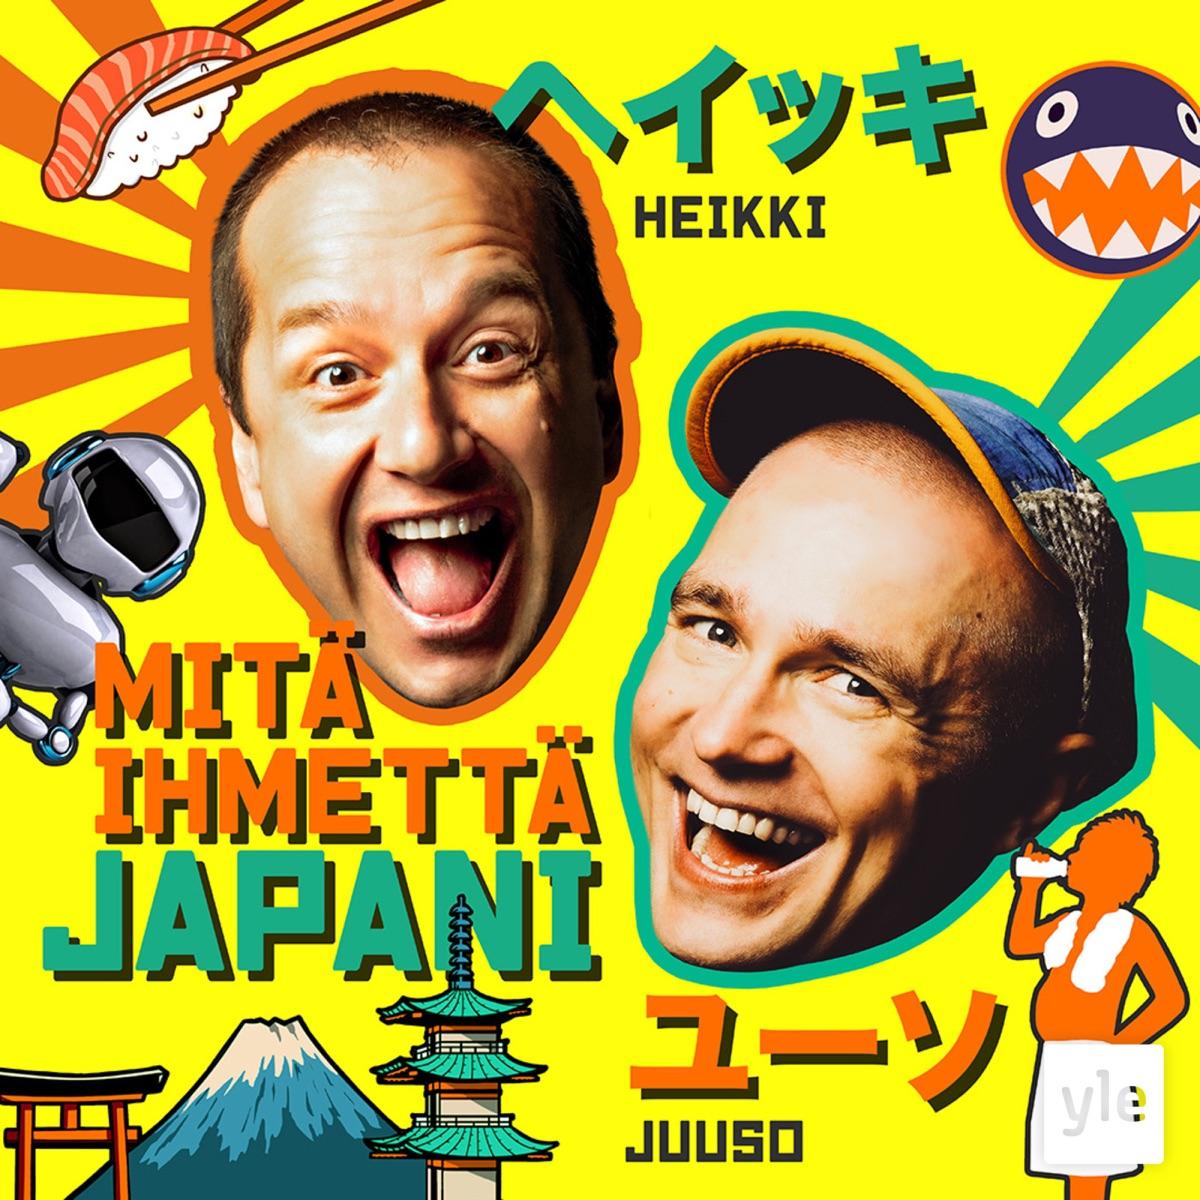 Mitä ihmettä, Japani?